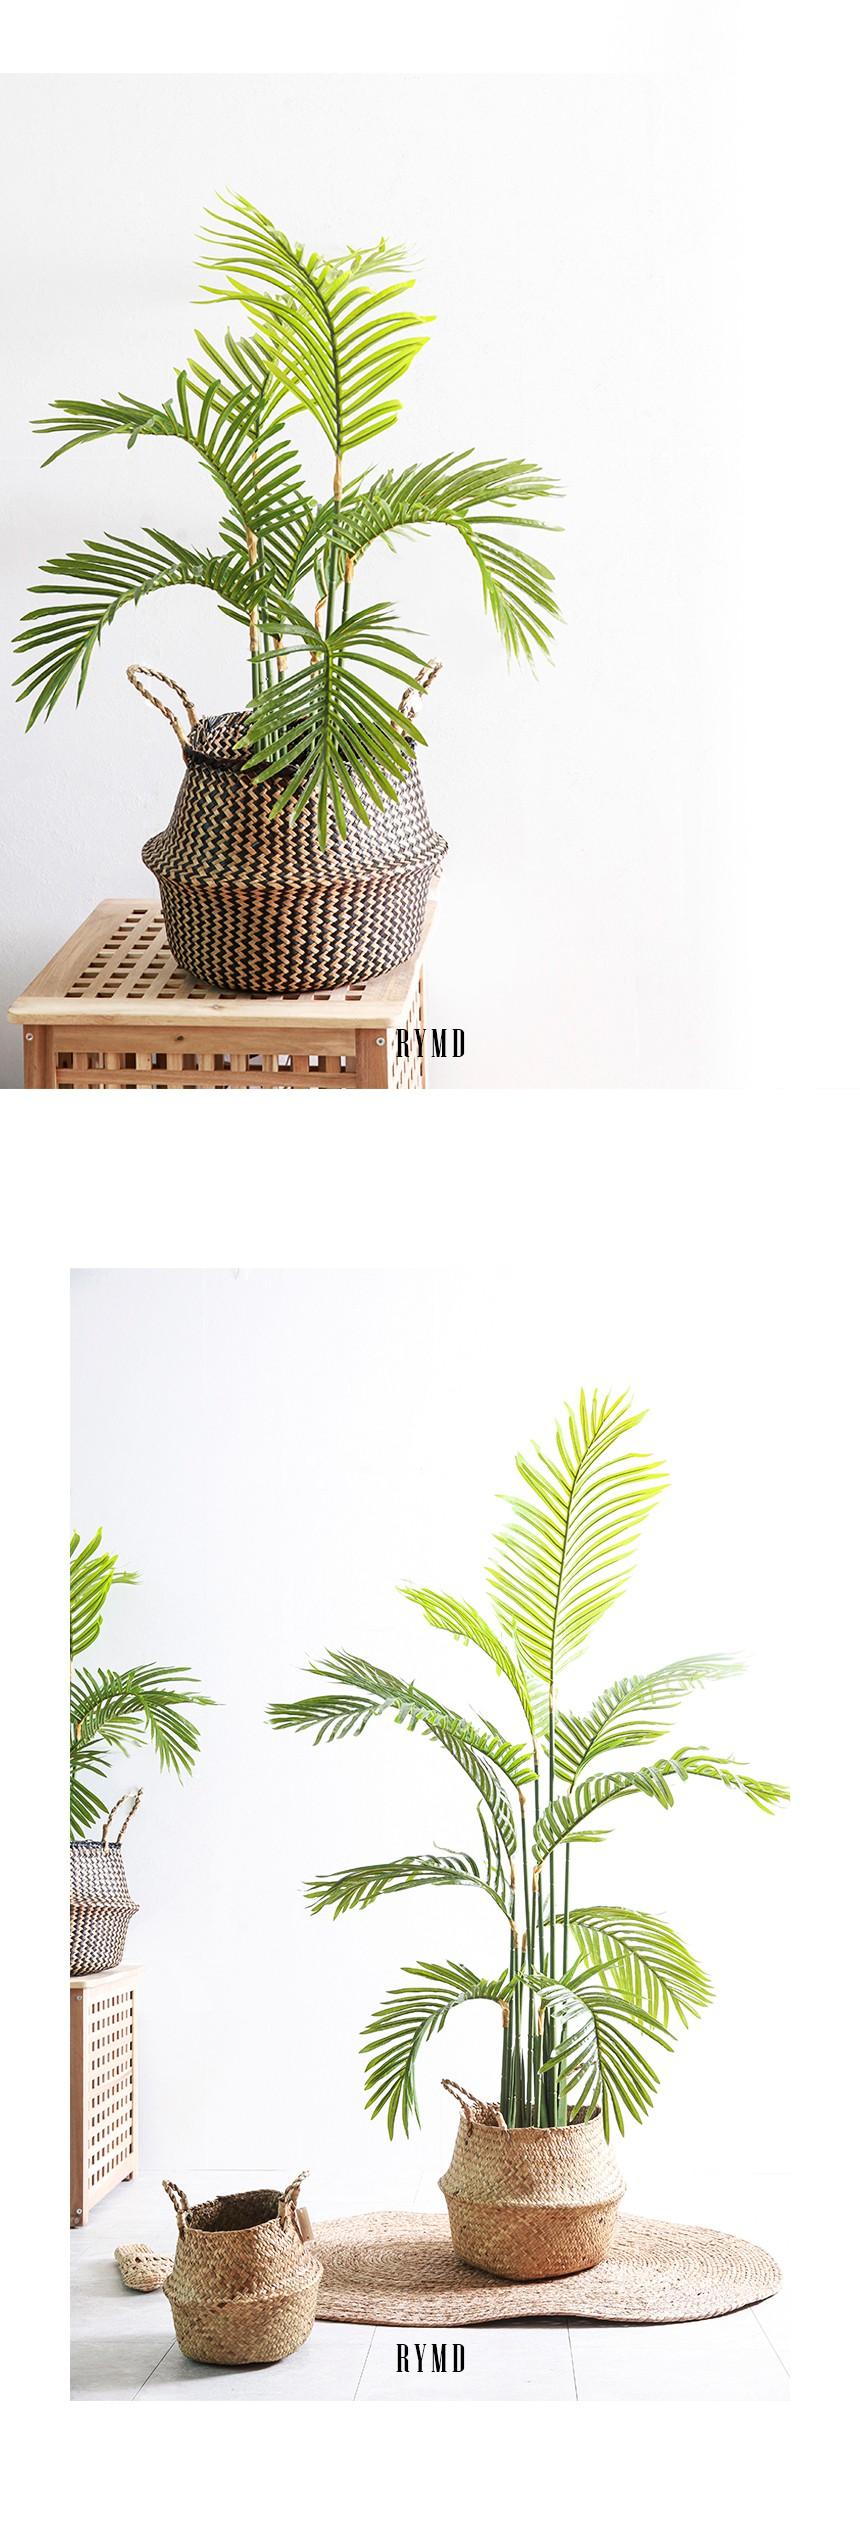 greenery-areca-tree_03.jpg